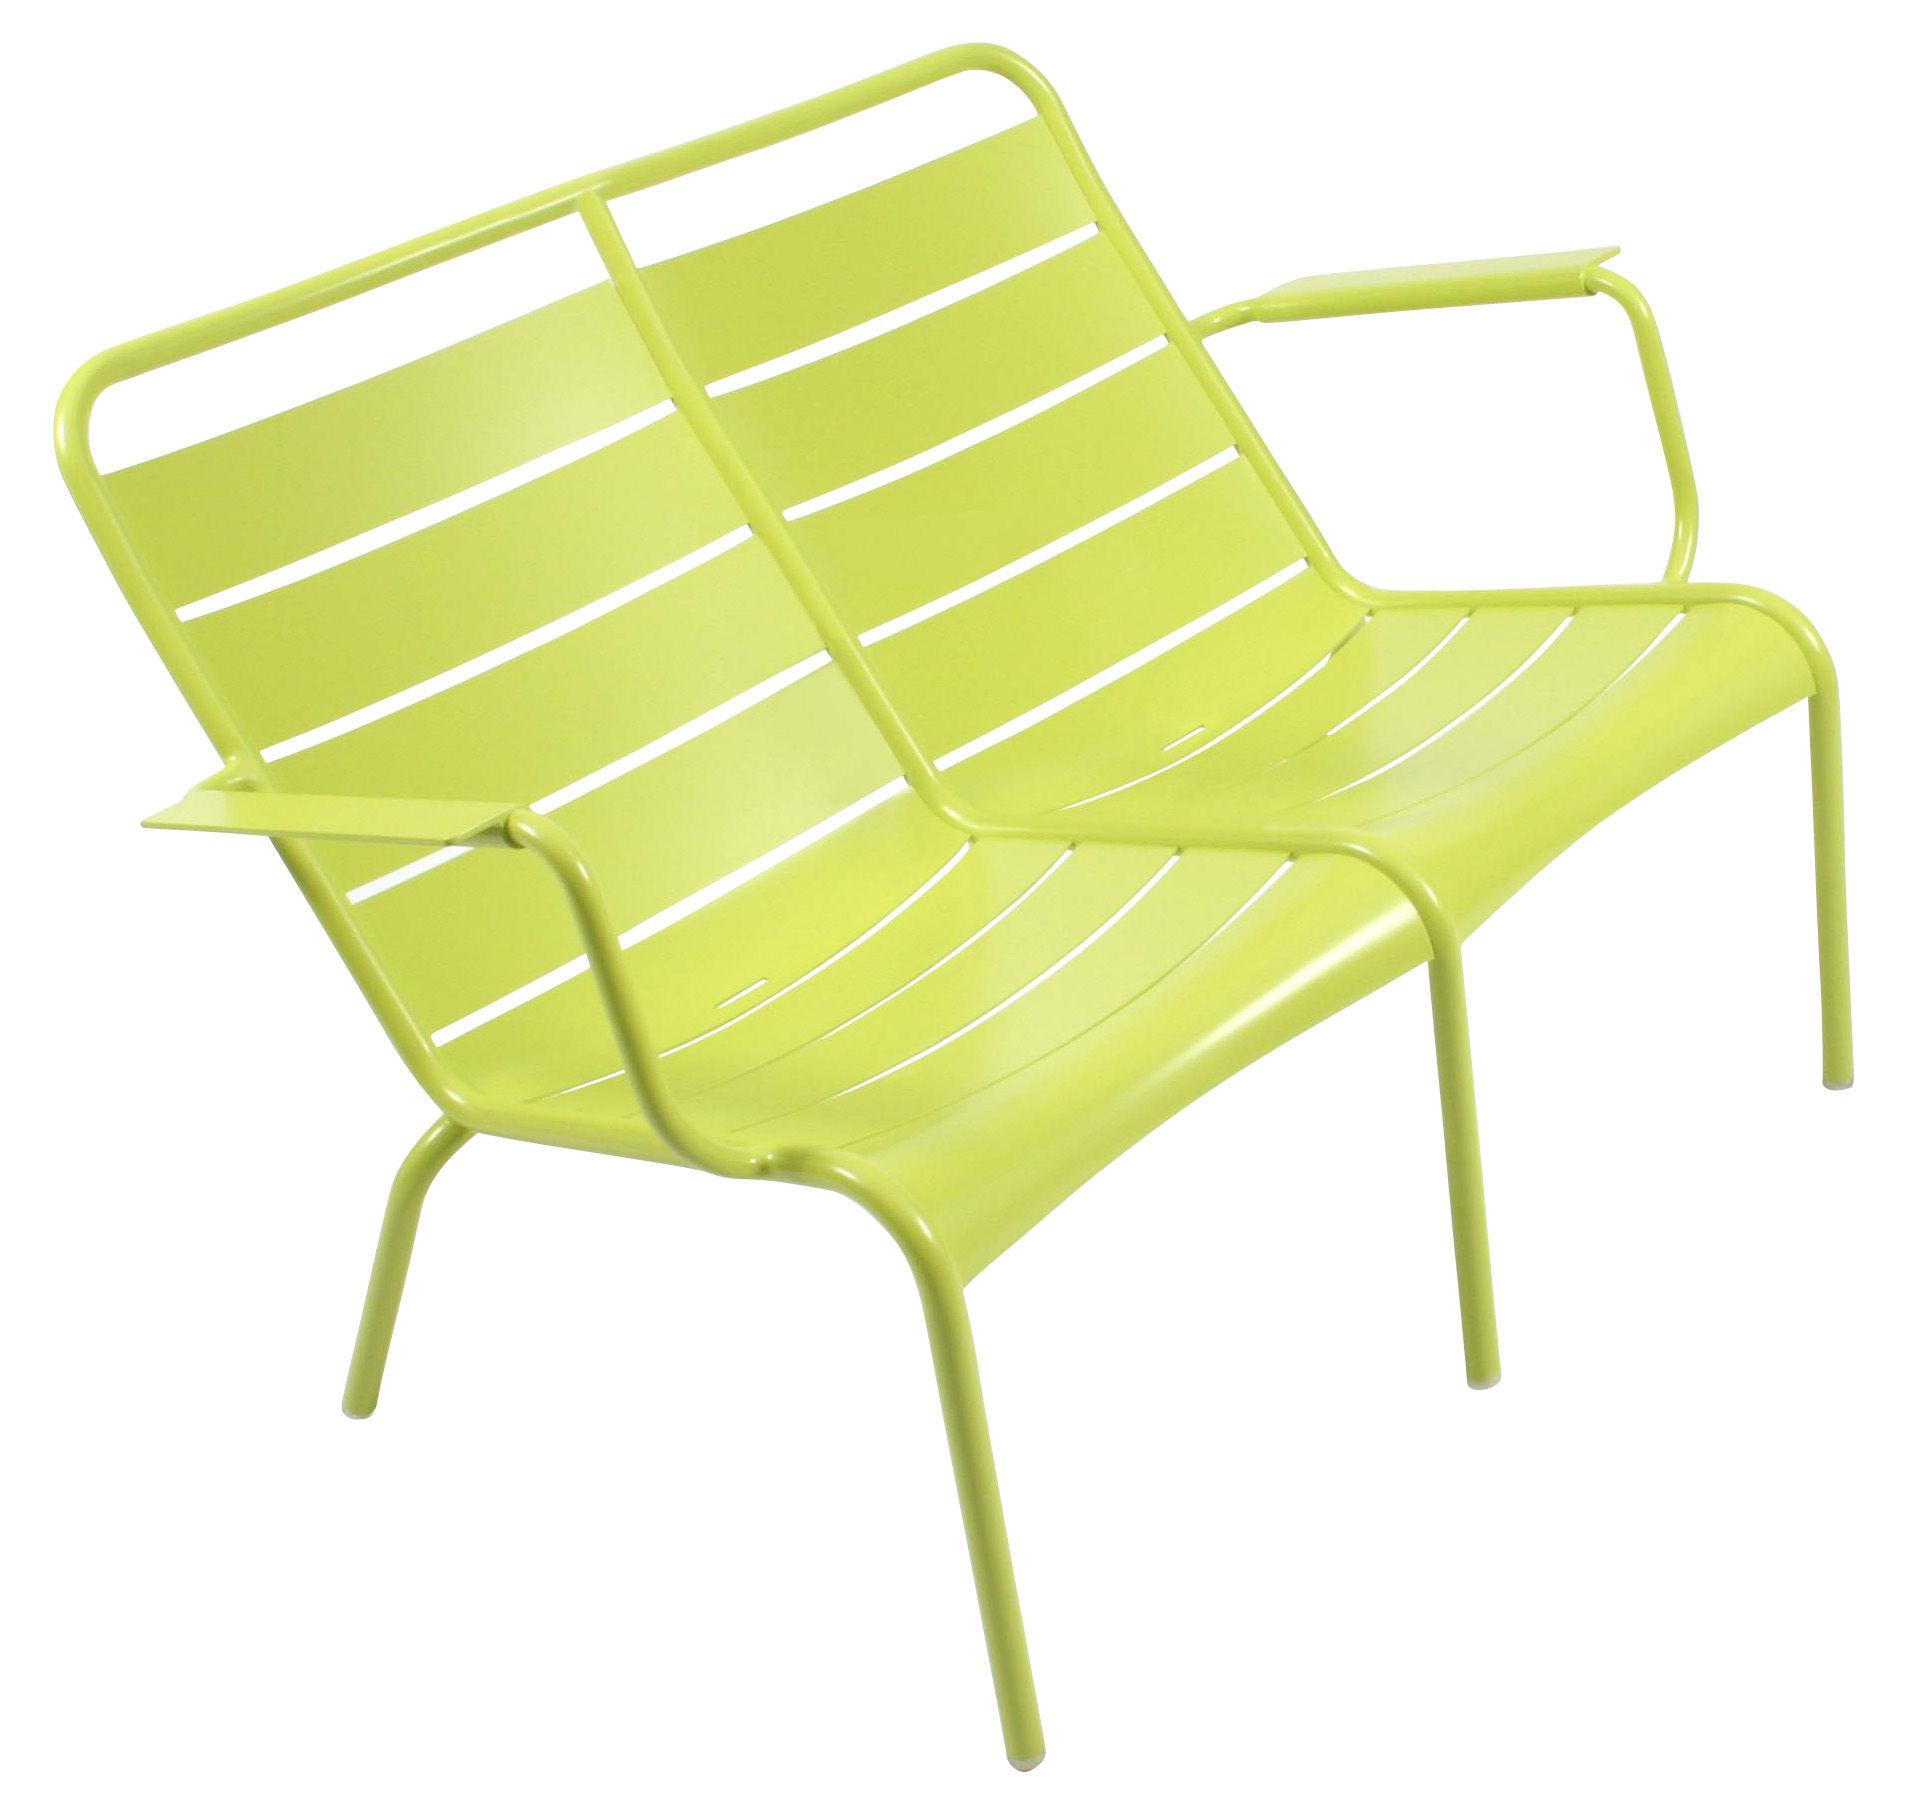 Life Style - Panca con schienale Luxembourg Duo - 2 posti di Fermob - Verbena - Alluminio